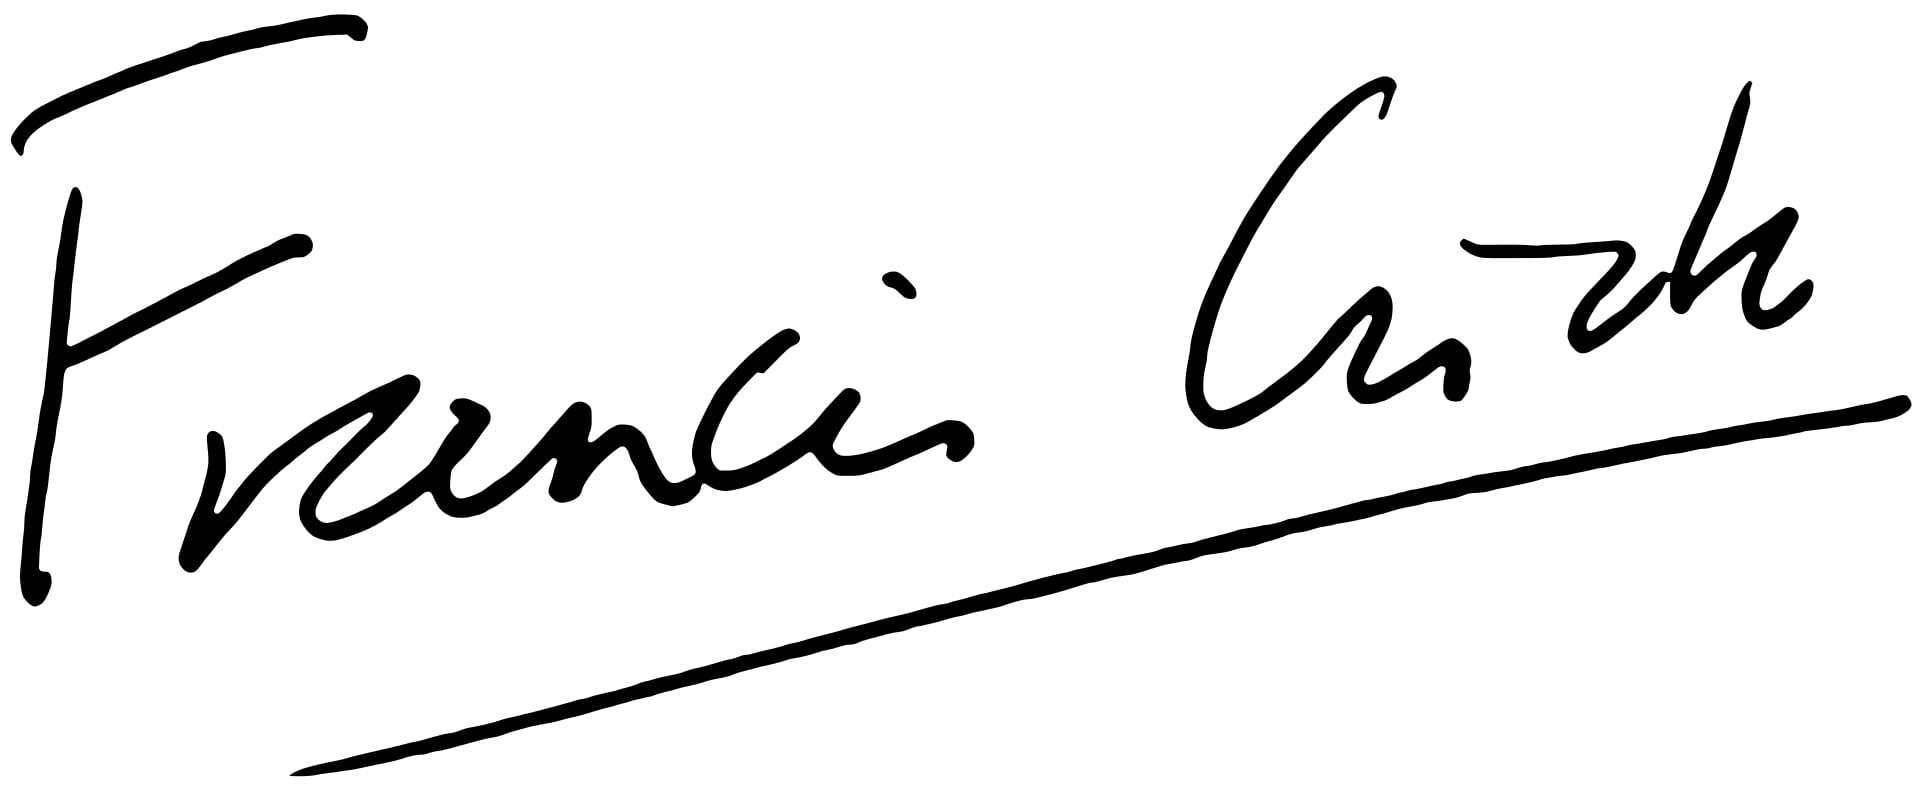 Francis Crick Signature